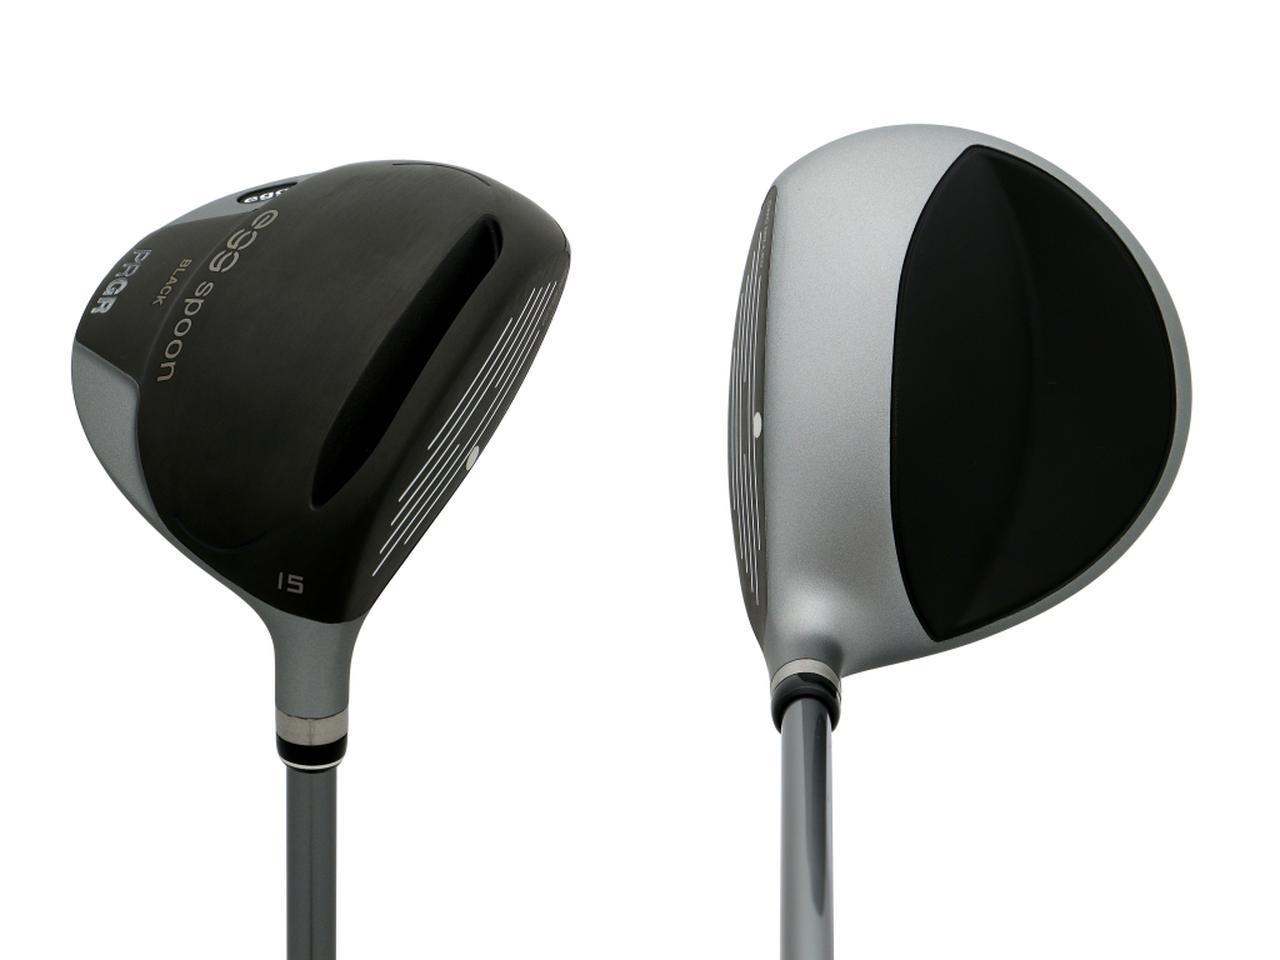 画像: プロギア「エッグスプーンブラック」。初代エッグスプーンのヘッド形状を継承した最新モデルとなっている